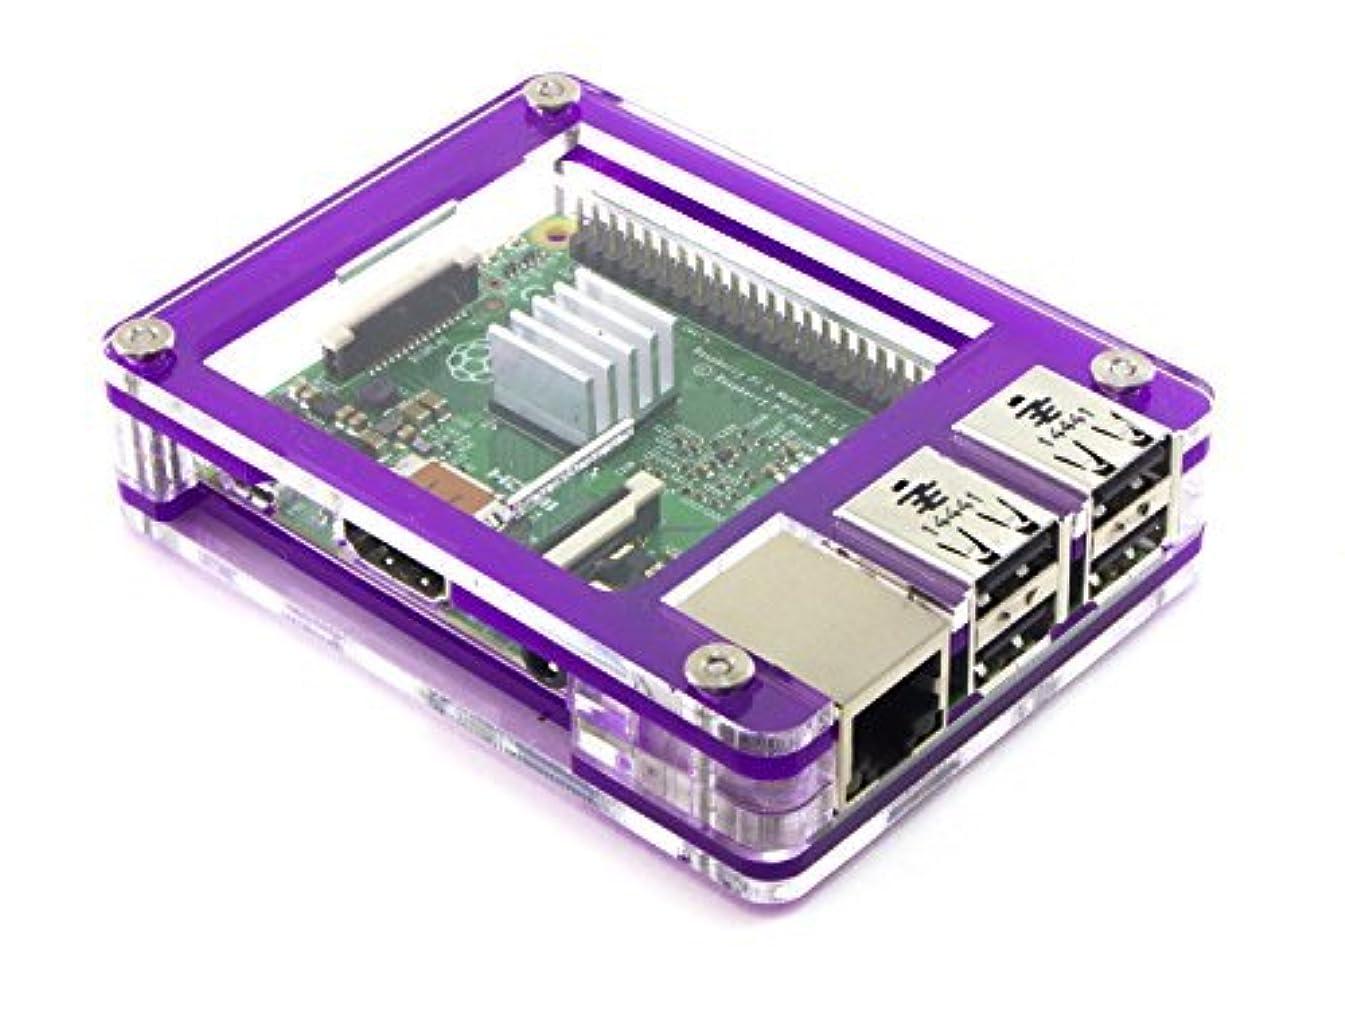 グラス仮定する波Zebra Case - Raspberry Pi 3, Pi 2 and B+ (Purple Grapeshot) with Heatsinks ~ C4Labs [並行輸入品]